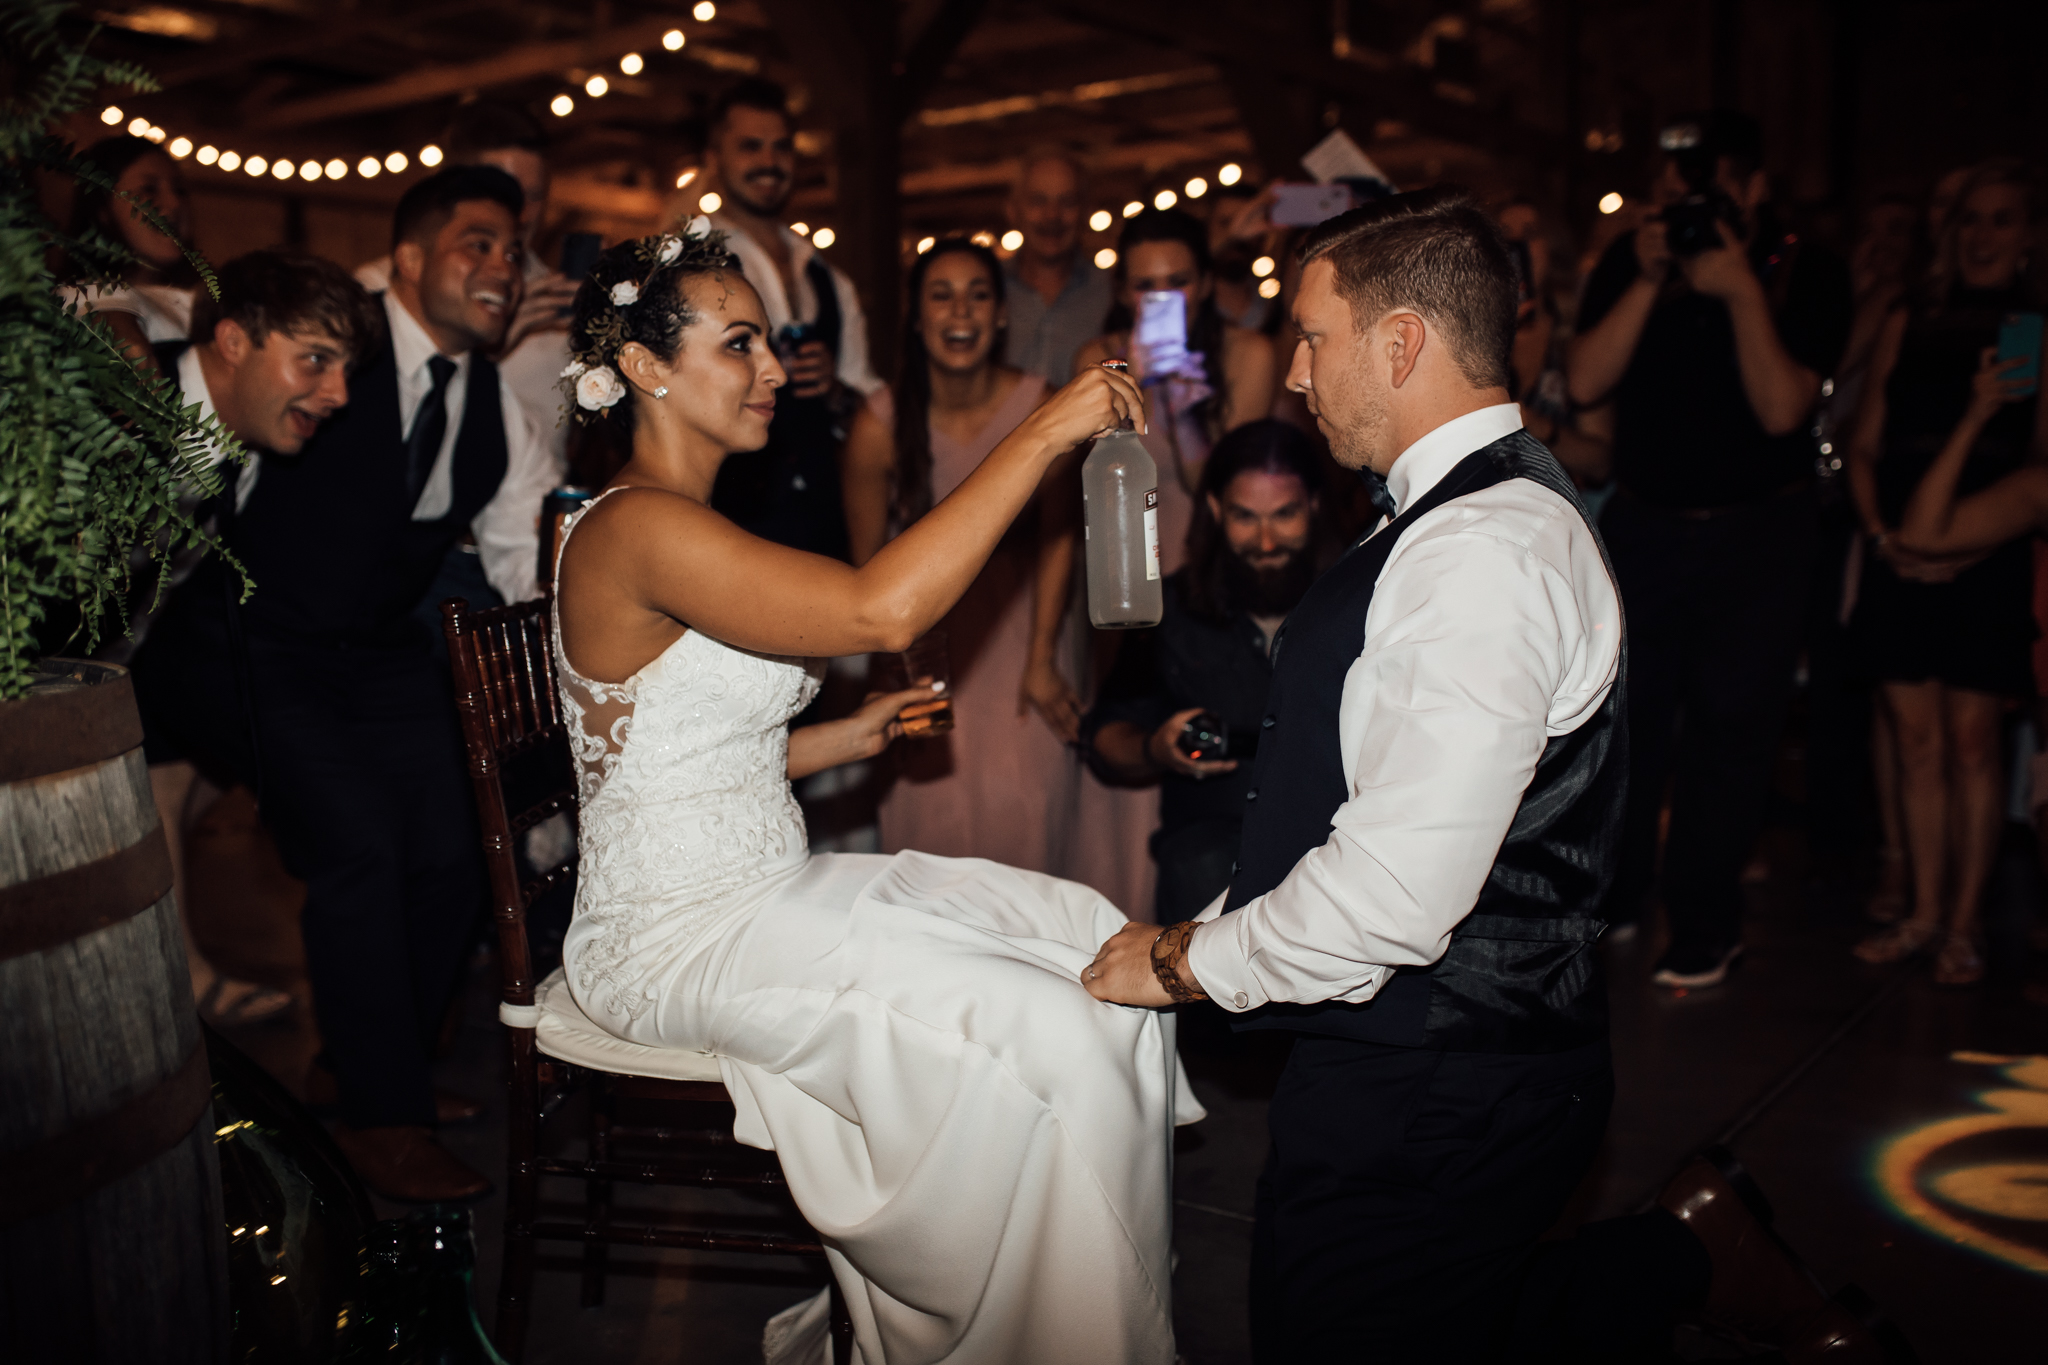 saddlewoodsfarms-nashville-wedding-photographer-thewarmtharoundyou-rustic-wedding (95 of 251).jpg